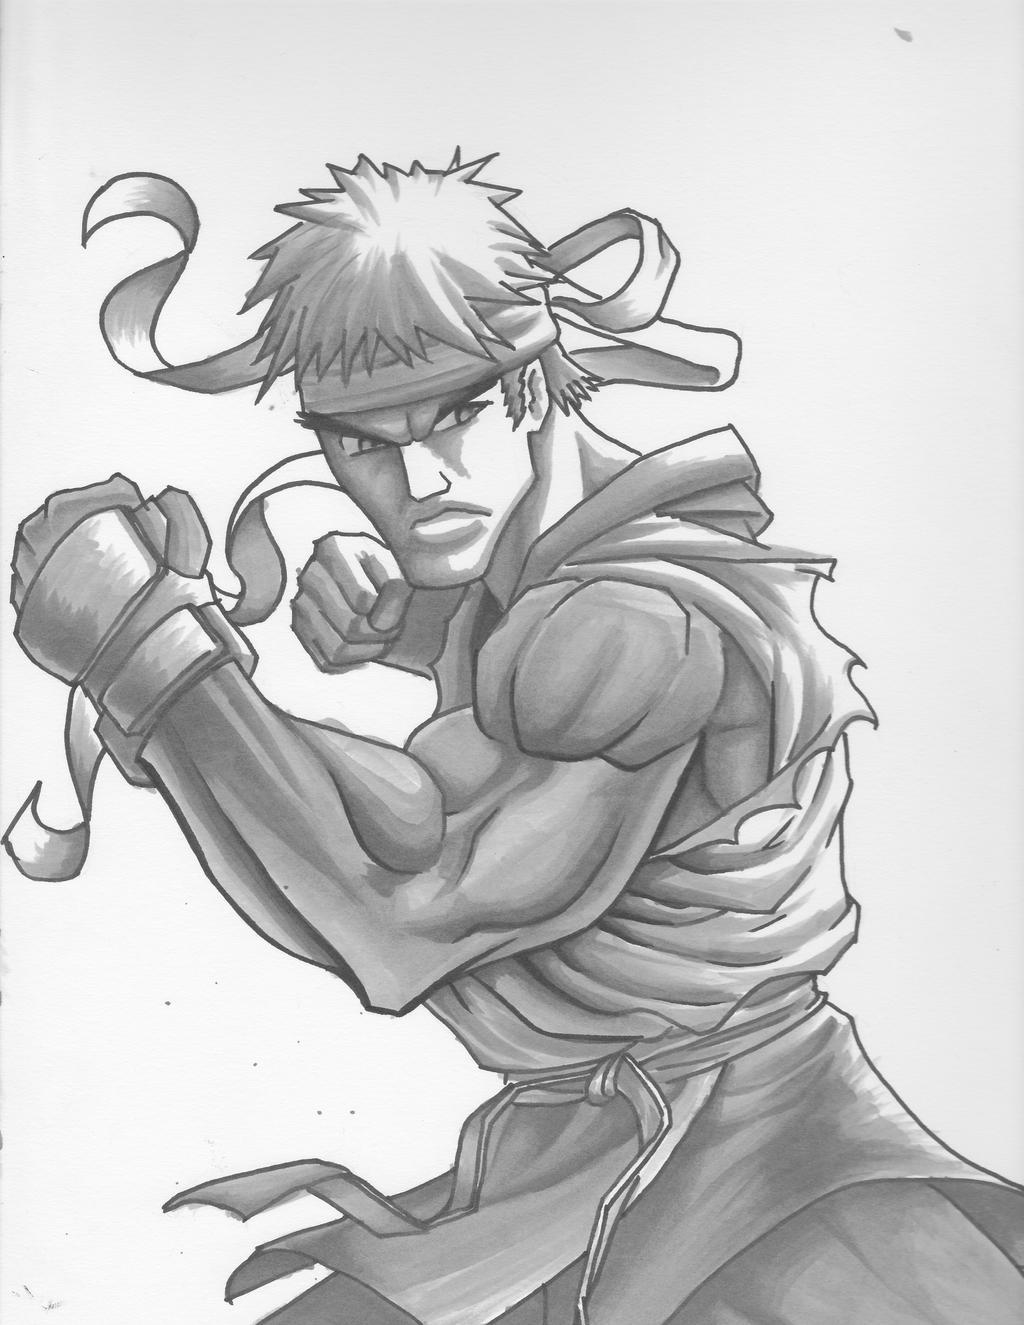 Ryu by task002